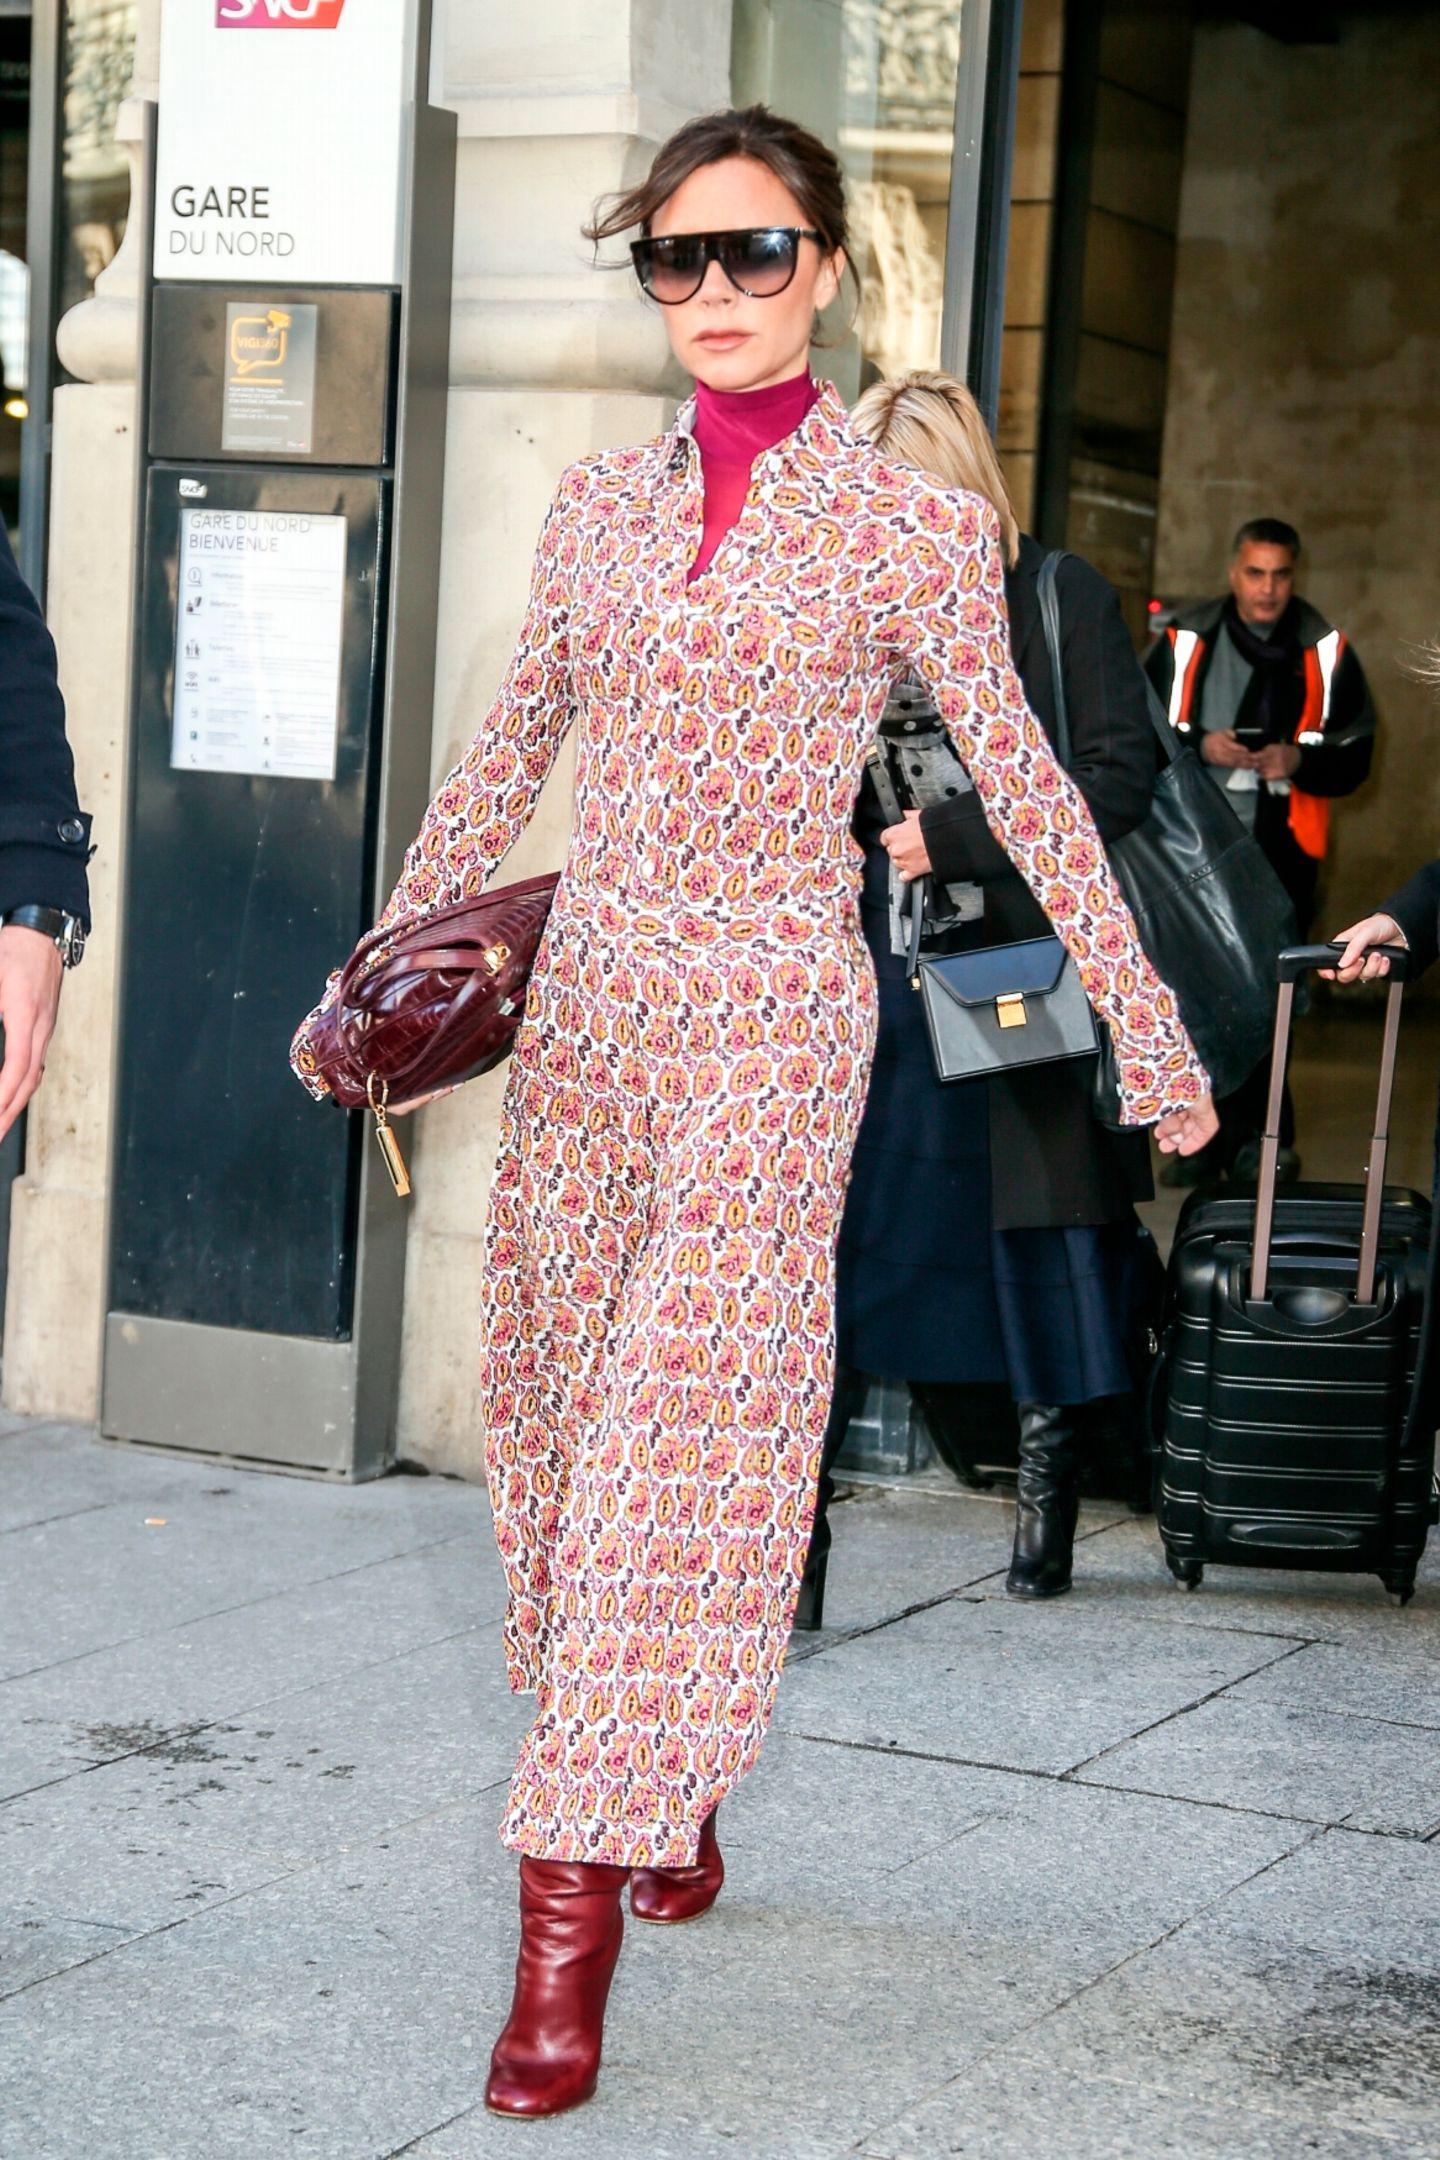 La Beckham zeigt sich bei ihrer Ankunft in Paris in einem gemusterten Maxikleid im 70s-Stil. Die Mode-Ikone ist mit ihrem Ehemann David Beckham für die anstehende Fashion-Week angereist.